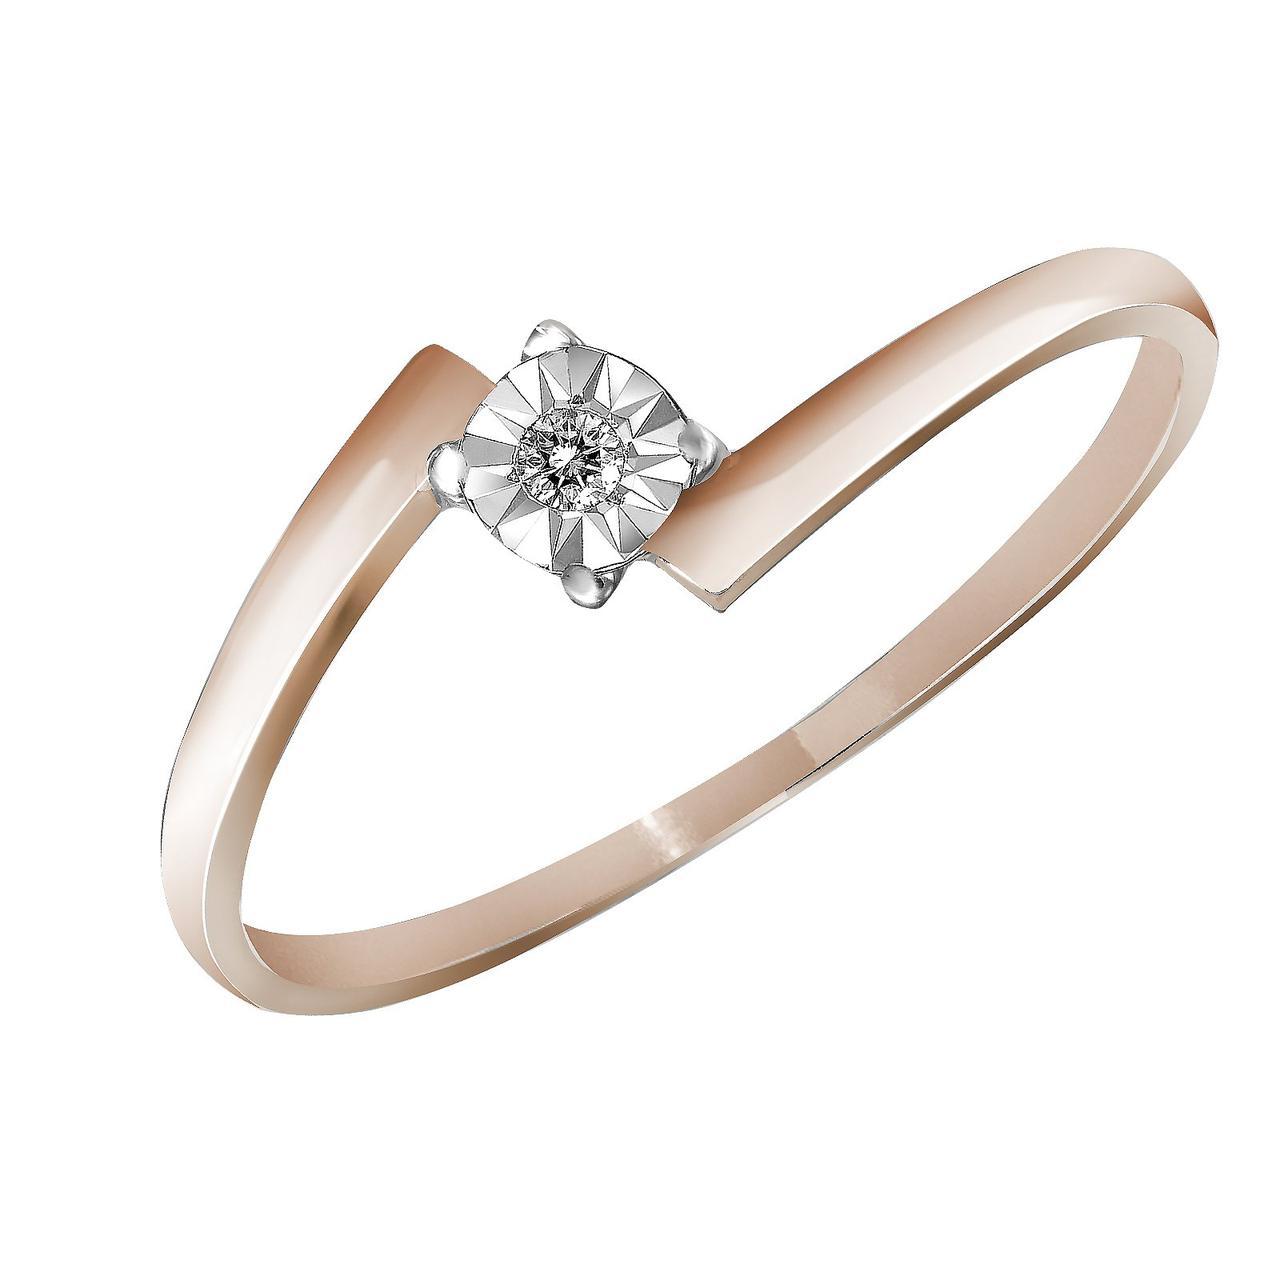 Золотое кольцо с бриллиантом, размер 16.5 (019401)